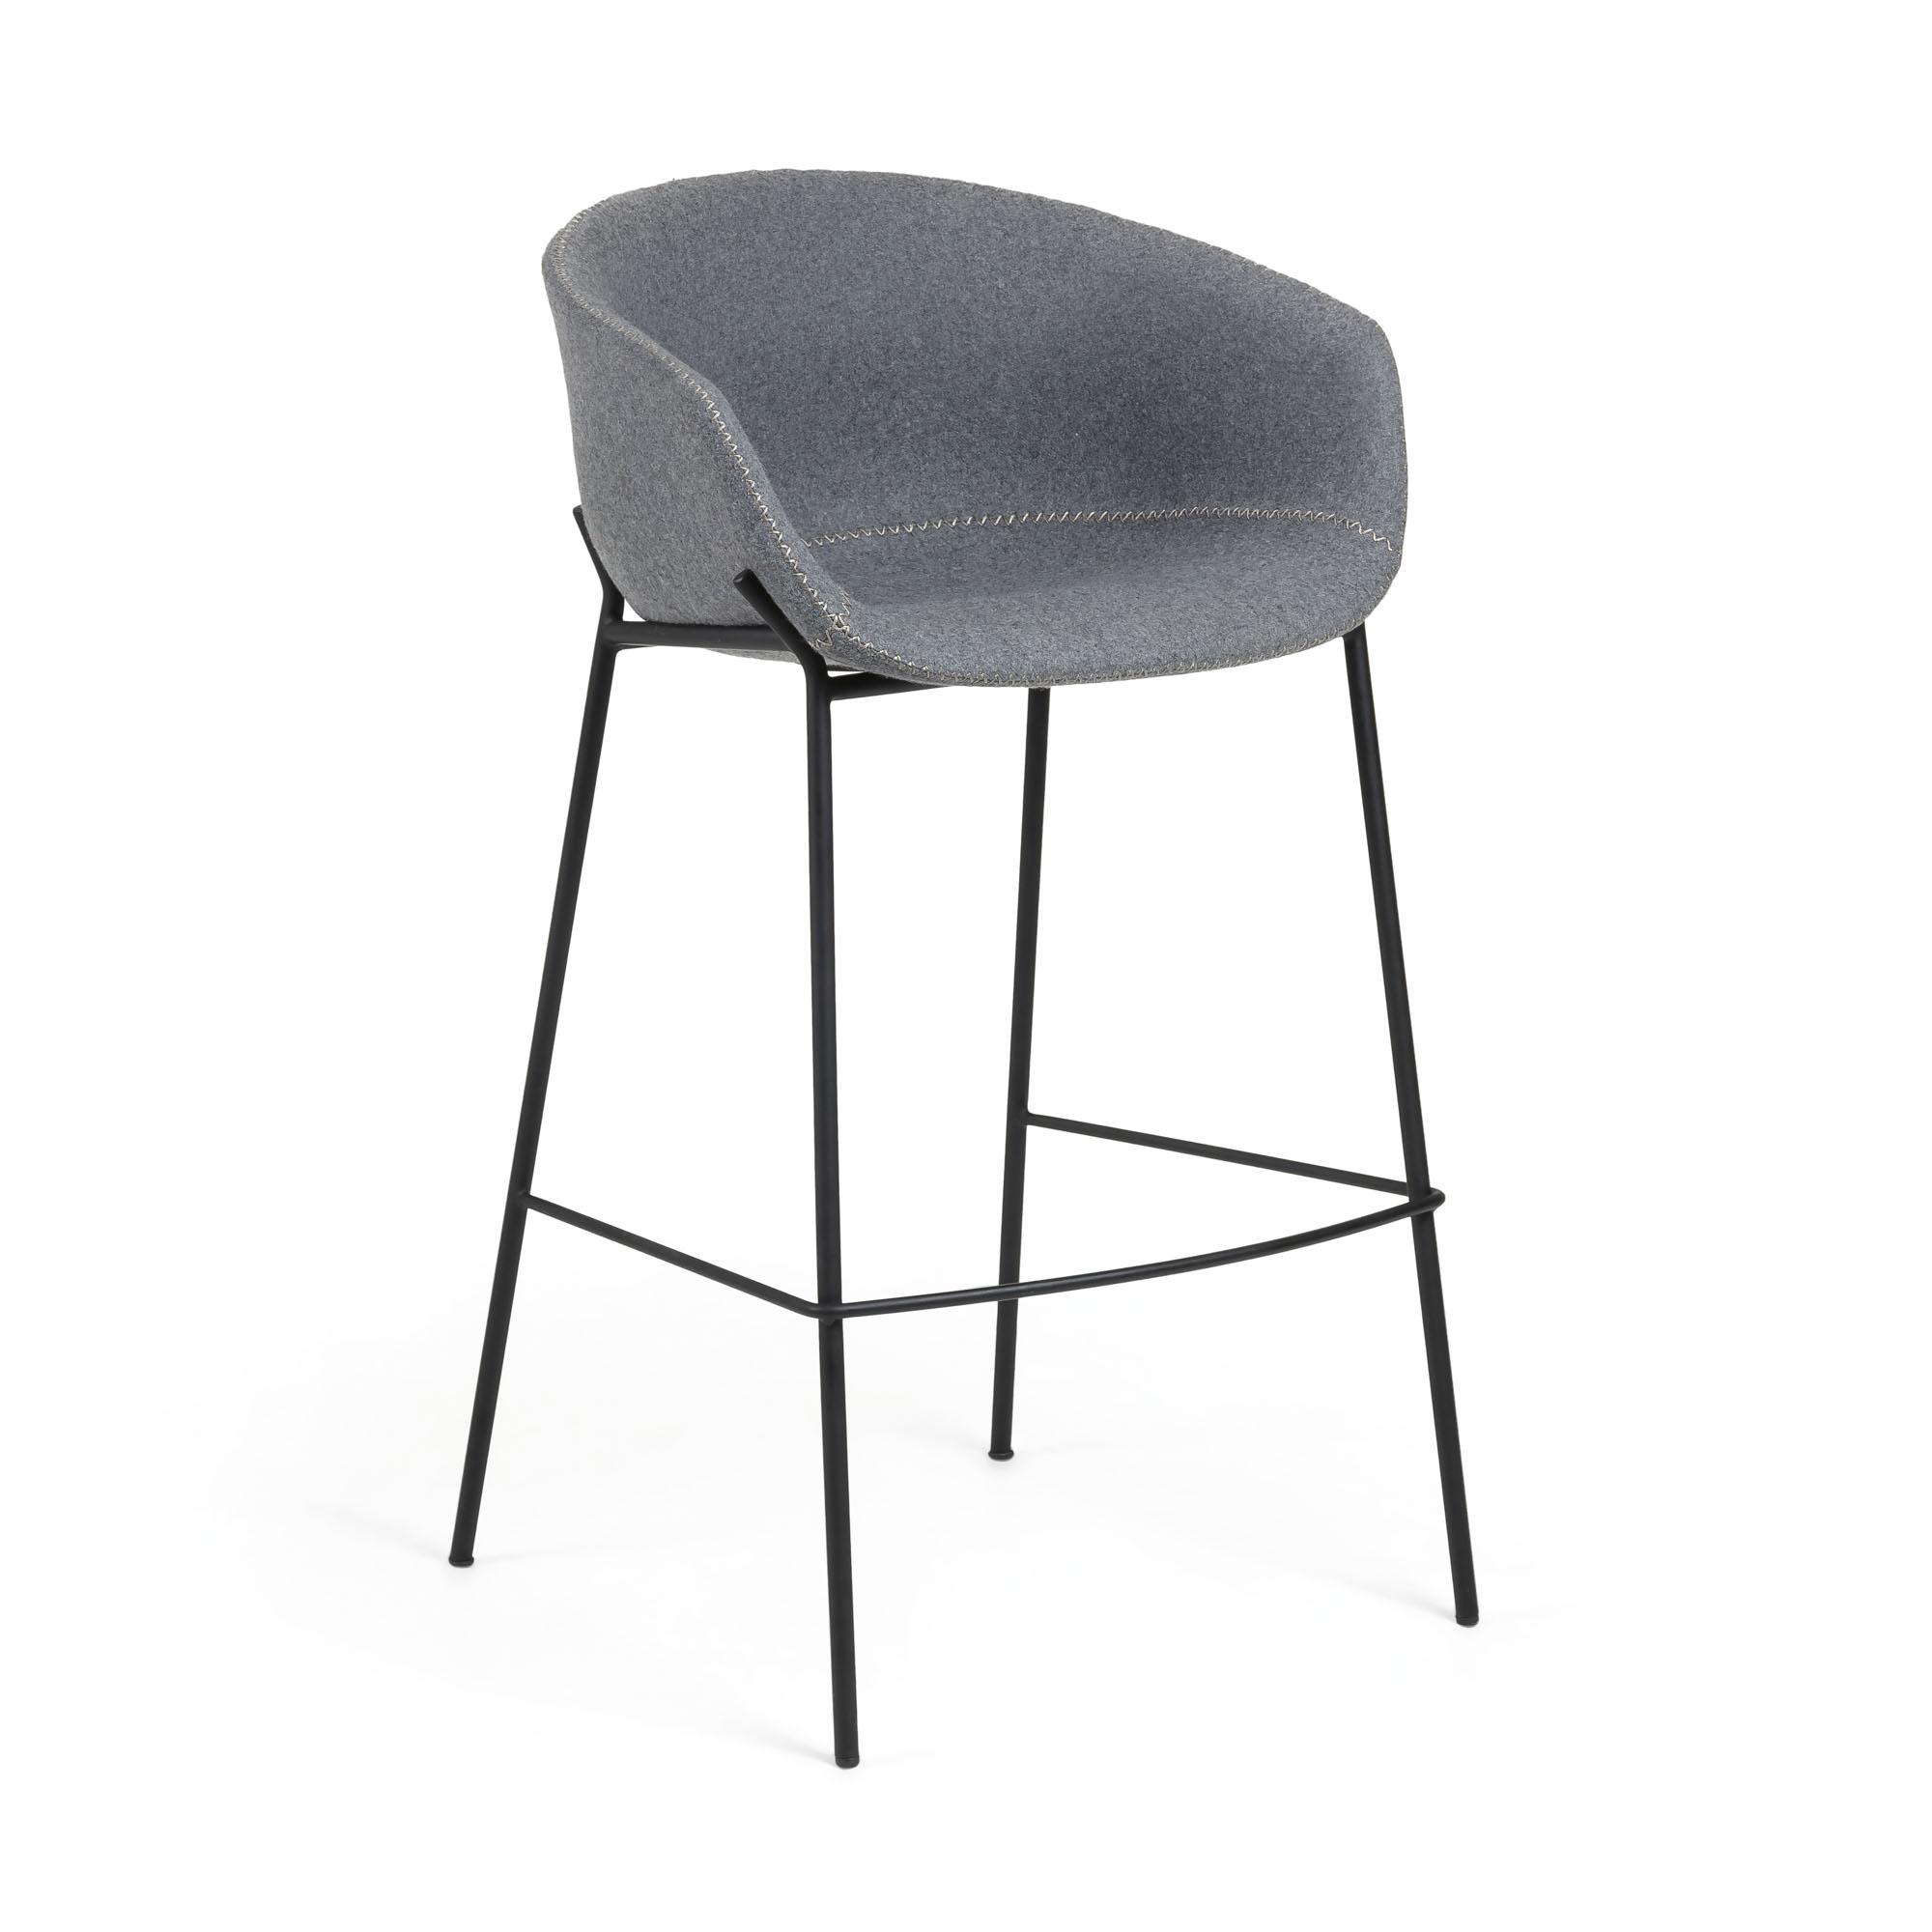 Kave Home - Yvette grauer Barhocker Höhe 74 cm | Küche und Esszimmer > Bar-Möbel > Barhocker | Kave Home